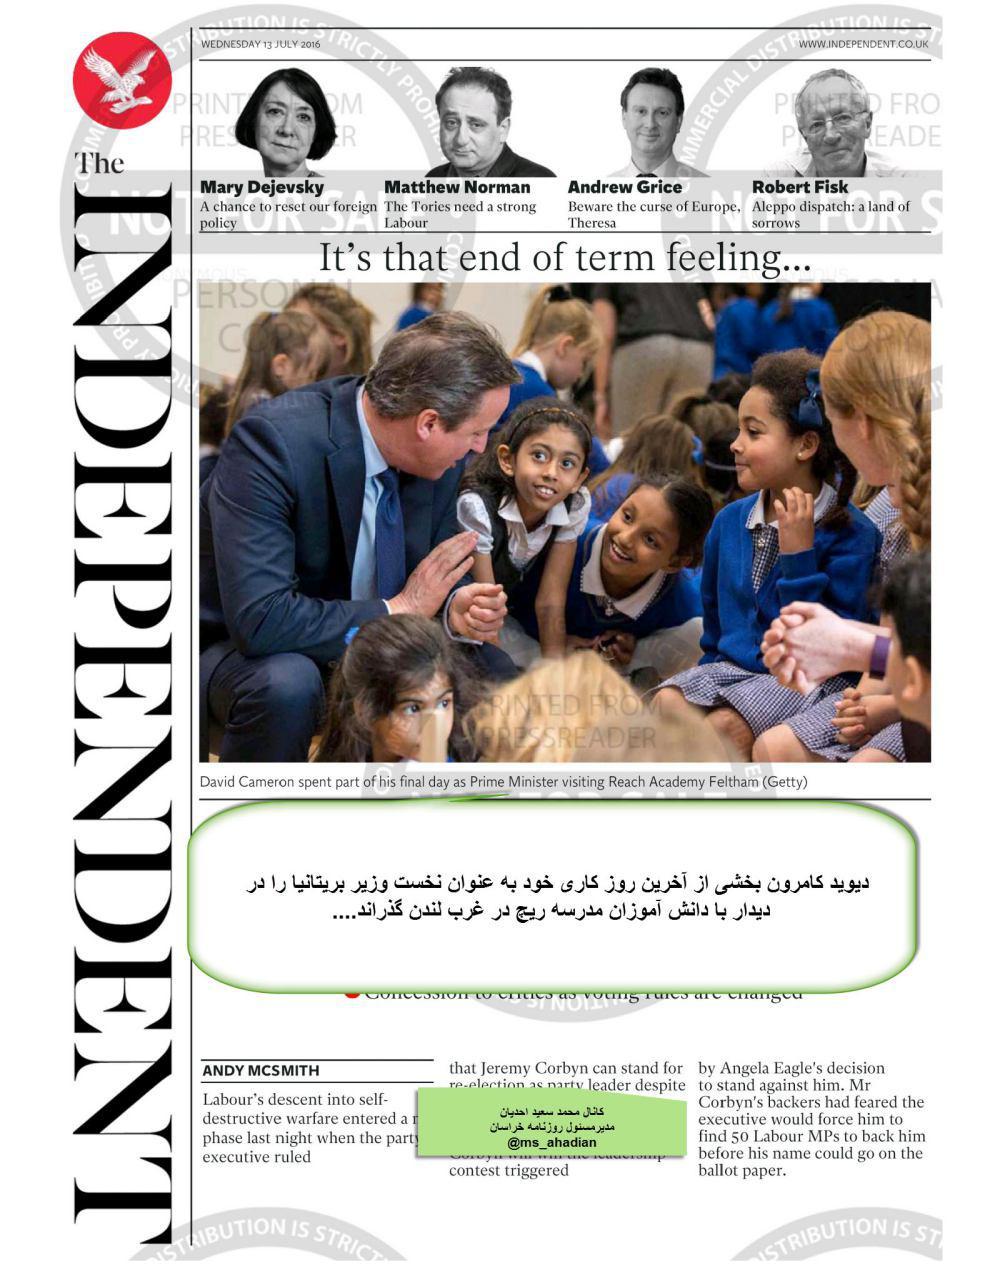 روزنامه ایندیپندنت کشور انگلیس